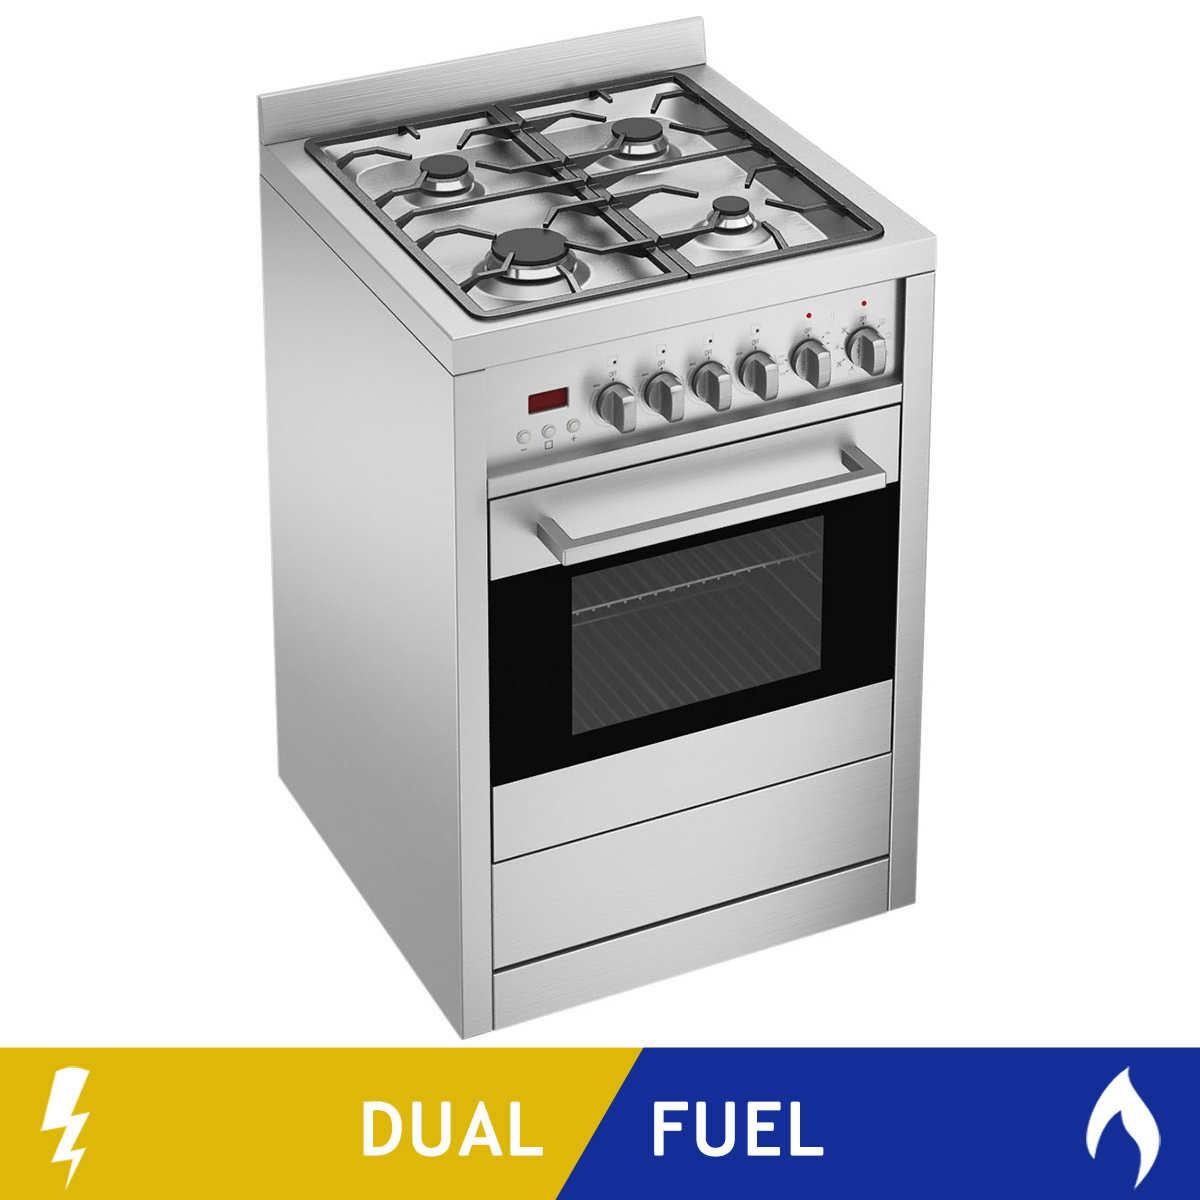 Uncategorized Kitchen Appliances Winnipeg hide and seek kitchen gallery sub zero wolf appliances cooking costco